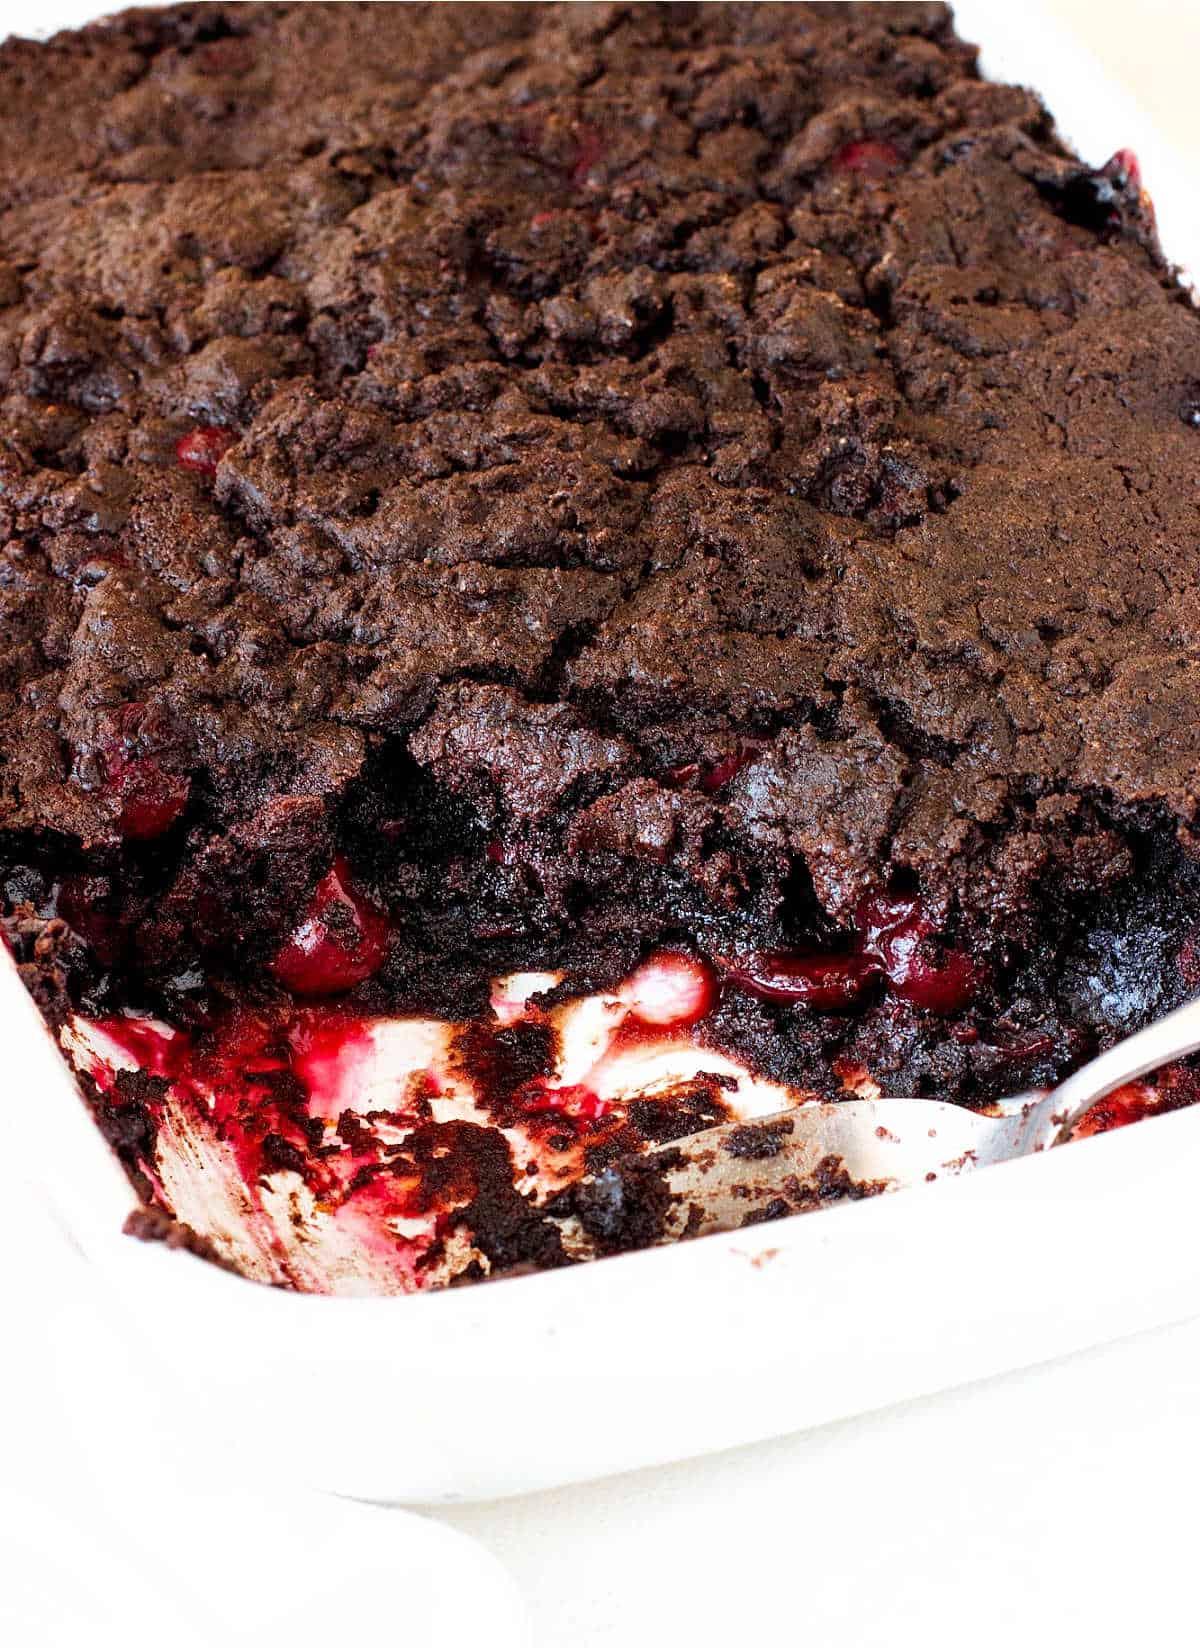 Chocolate cherry dump cake in a rectangular white ceramic dish